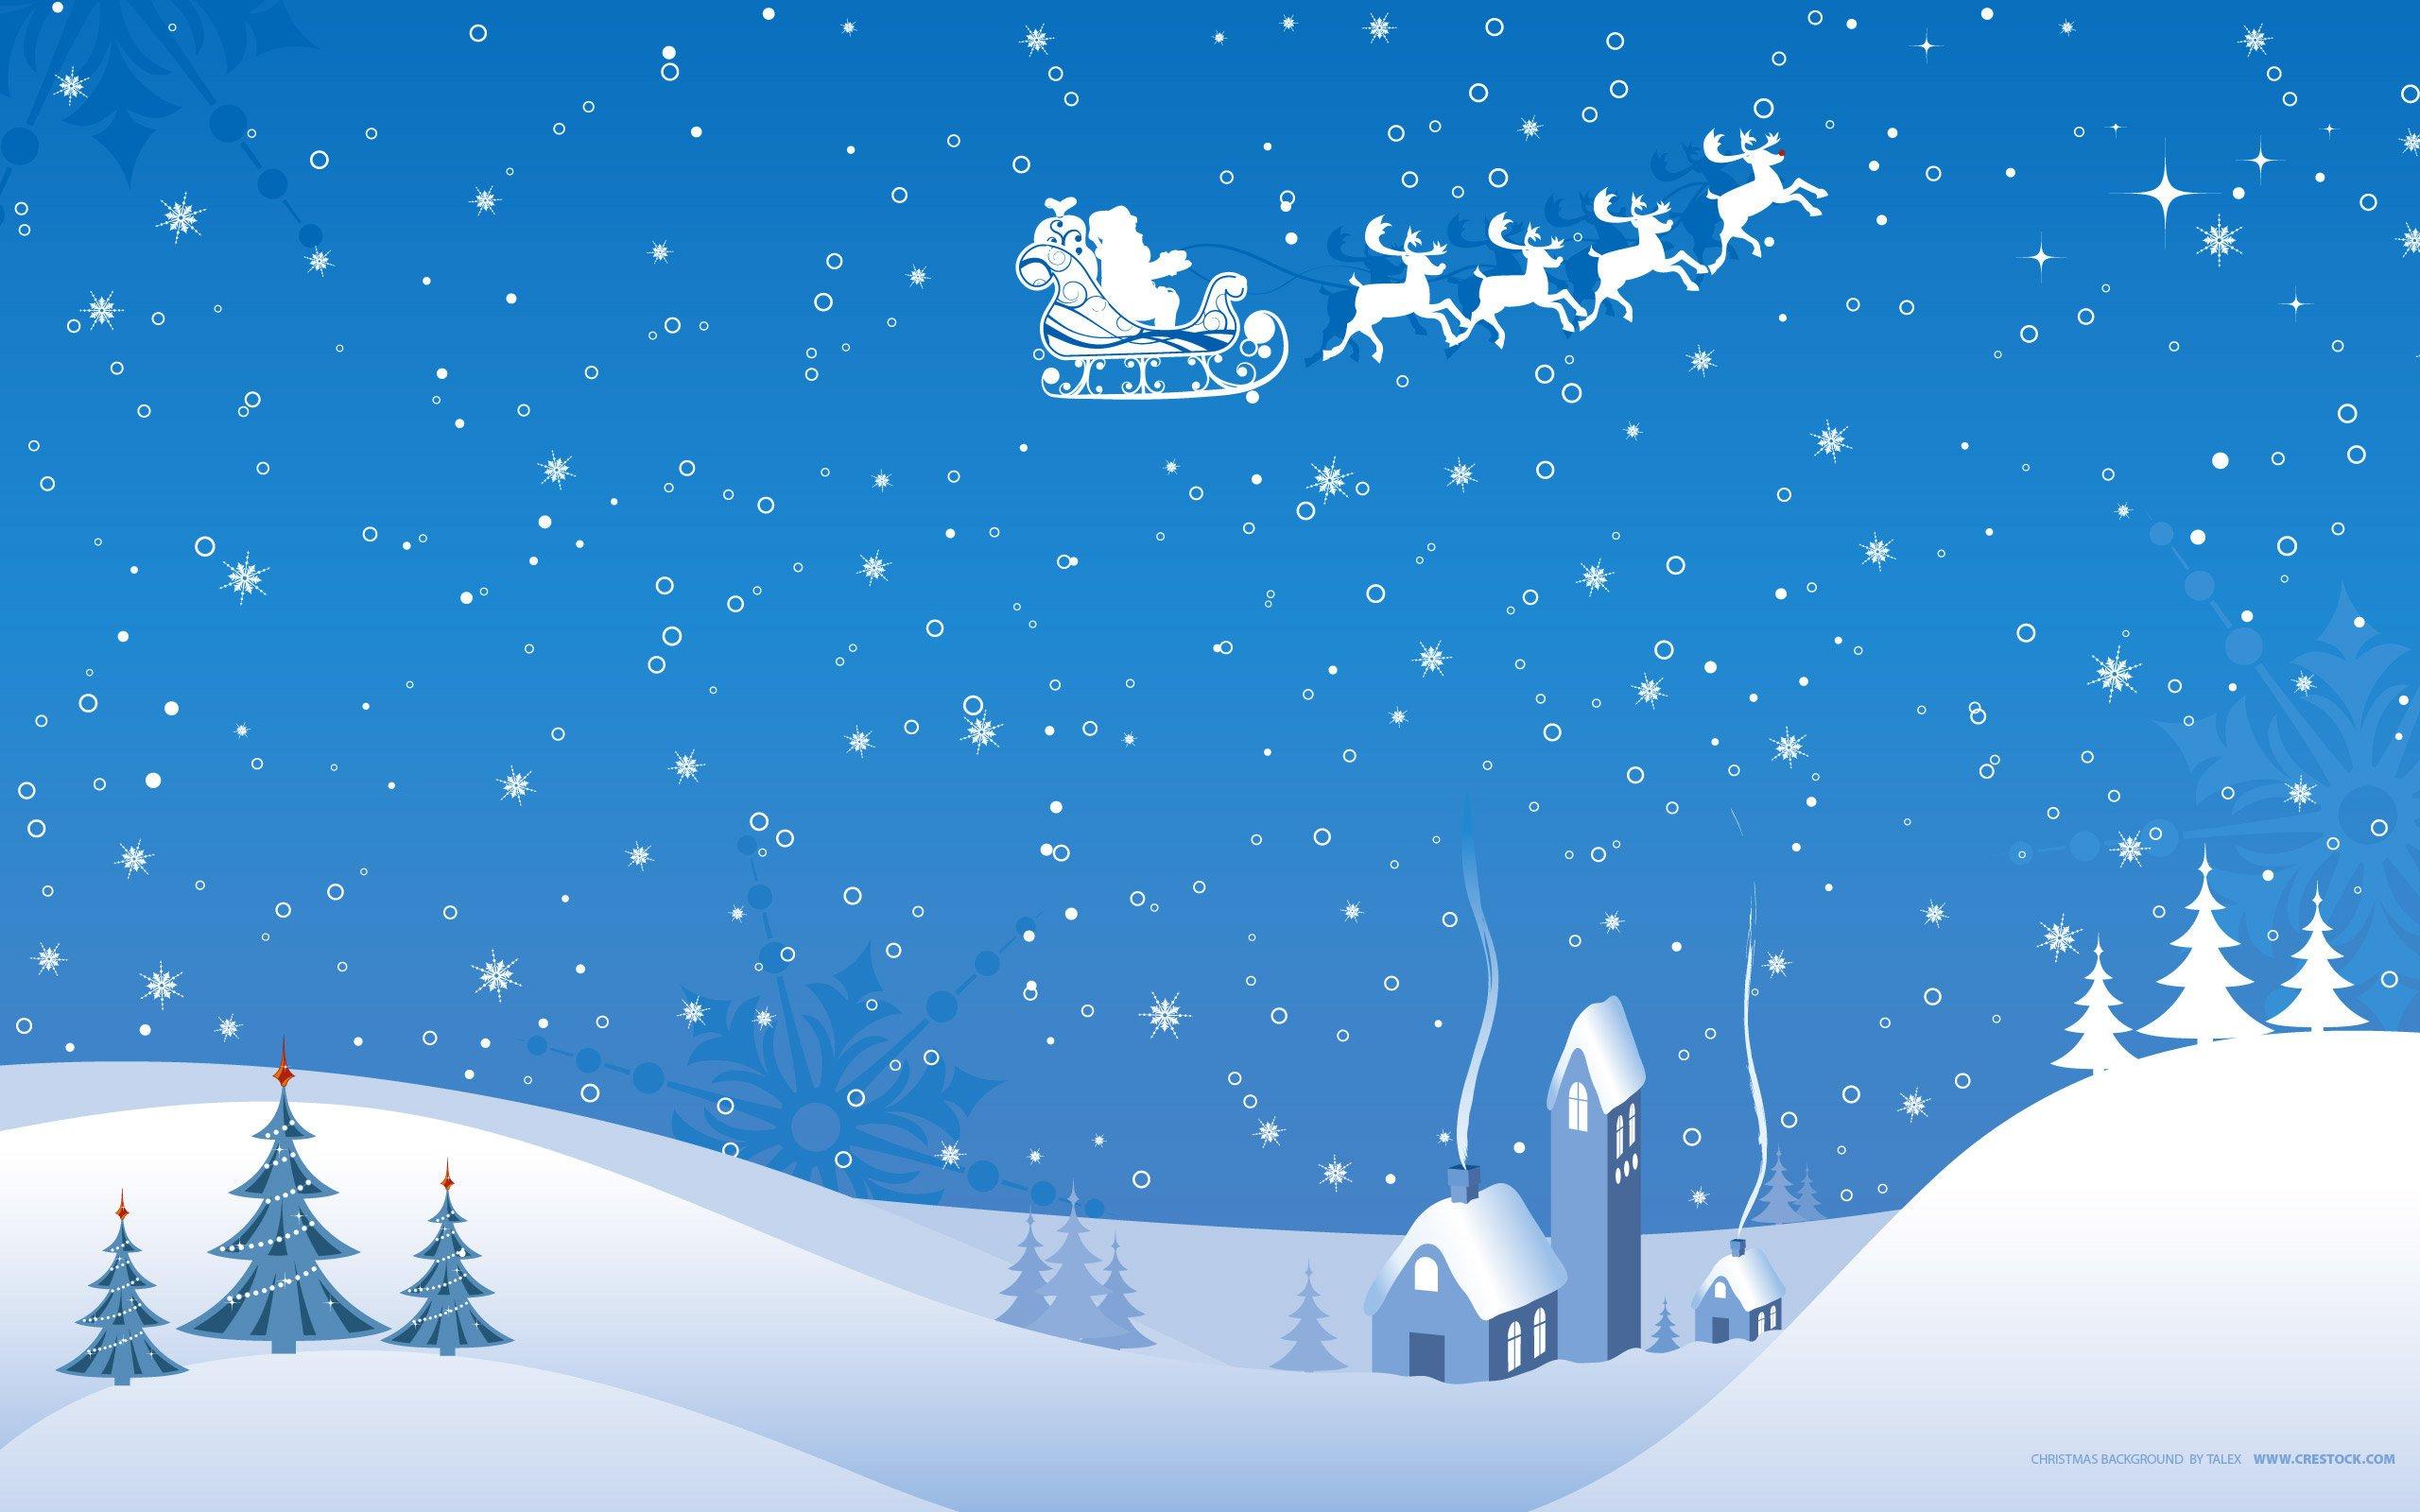 Hintergrundbilder : 2560x1600 px, Weihnachten, Szene, Schnee ...